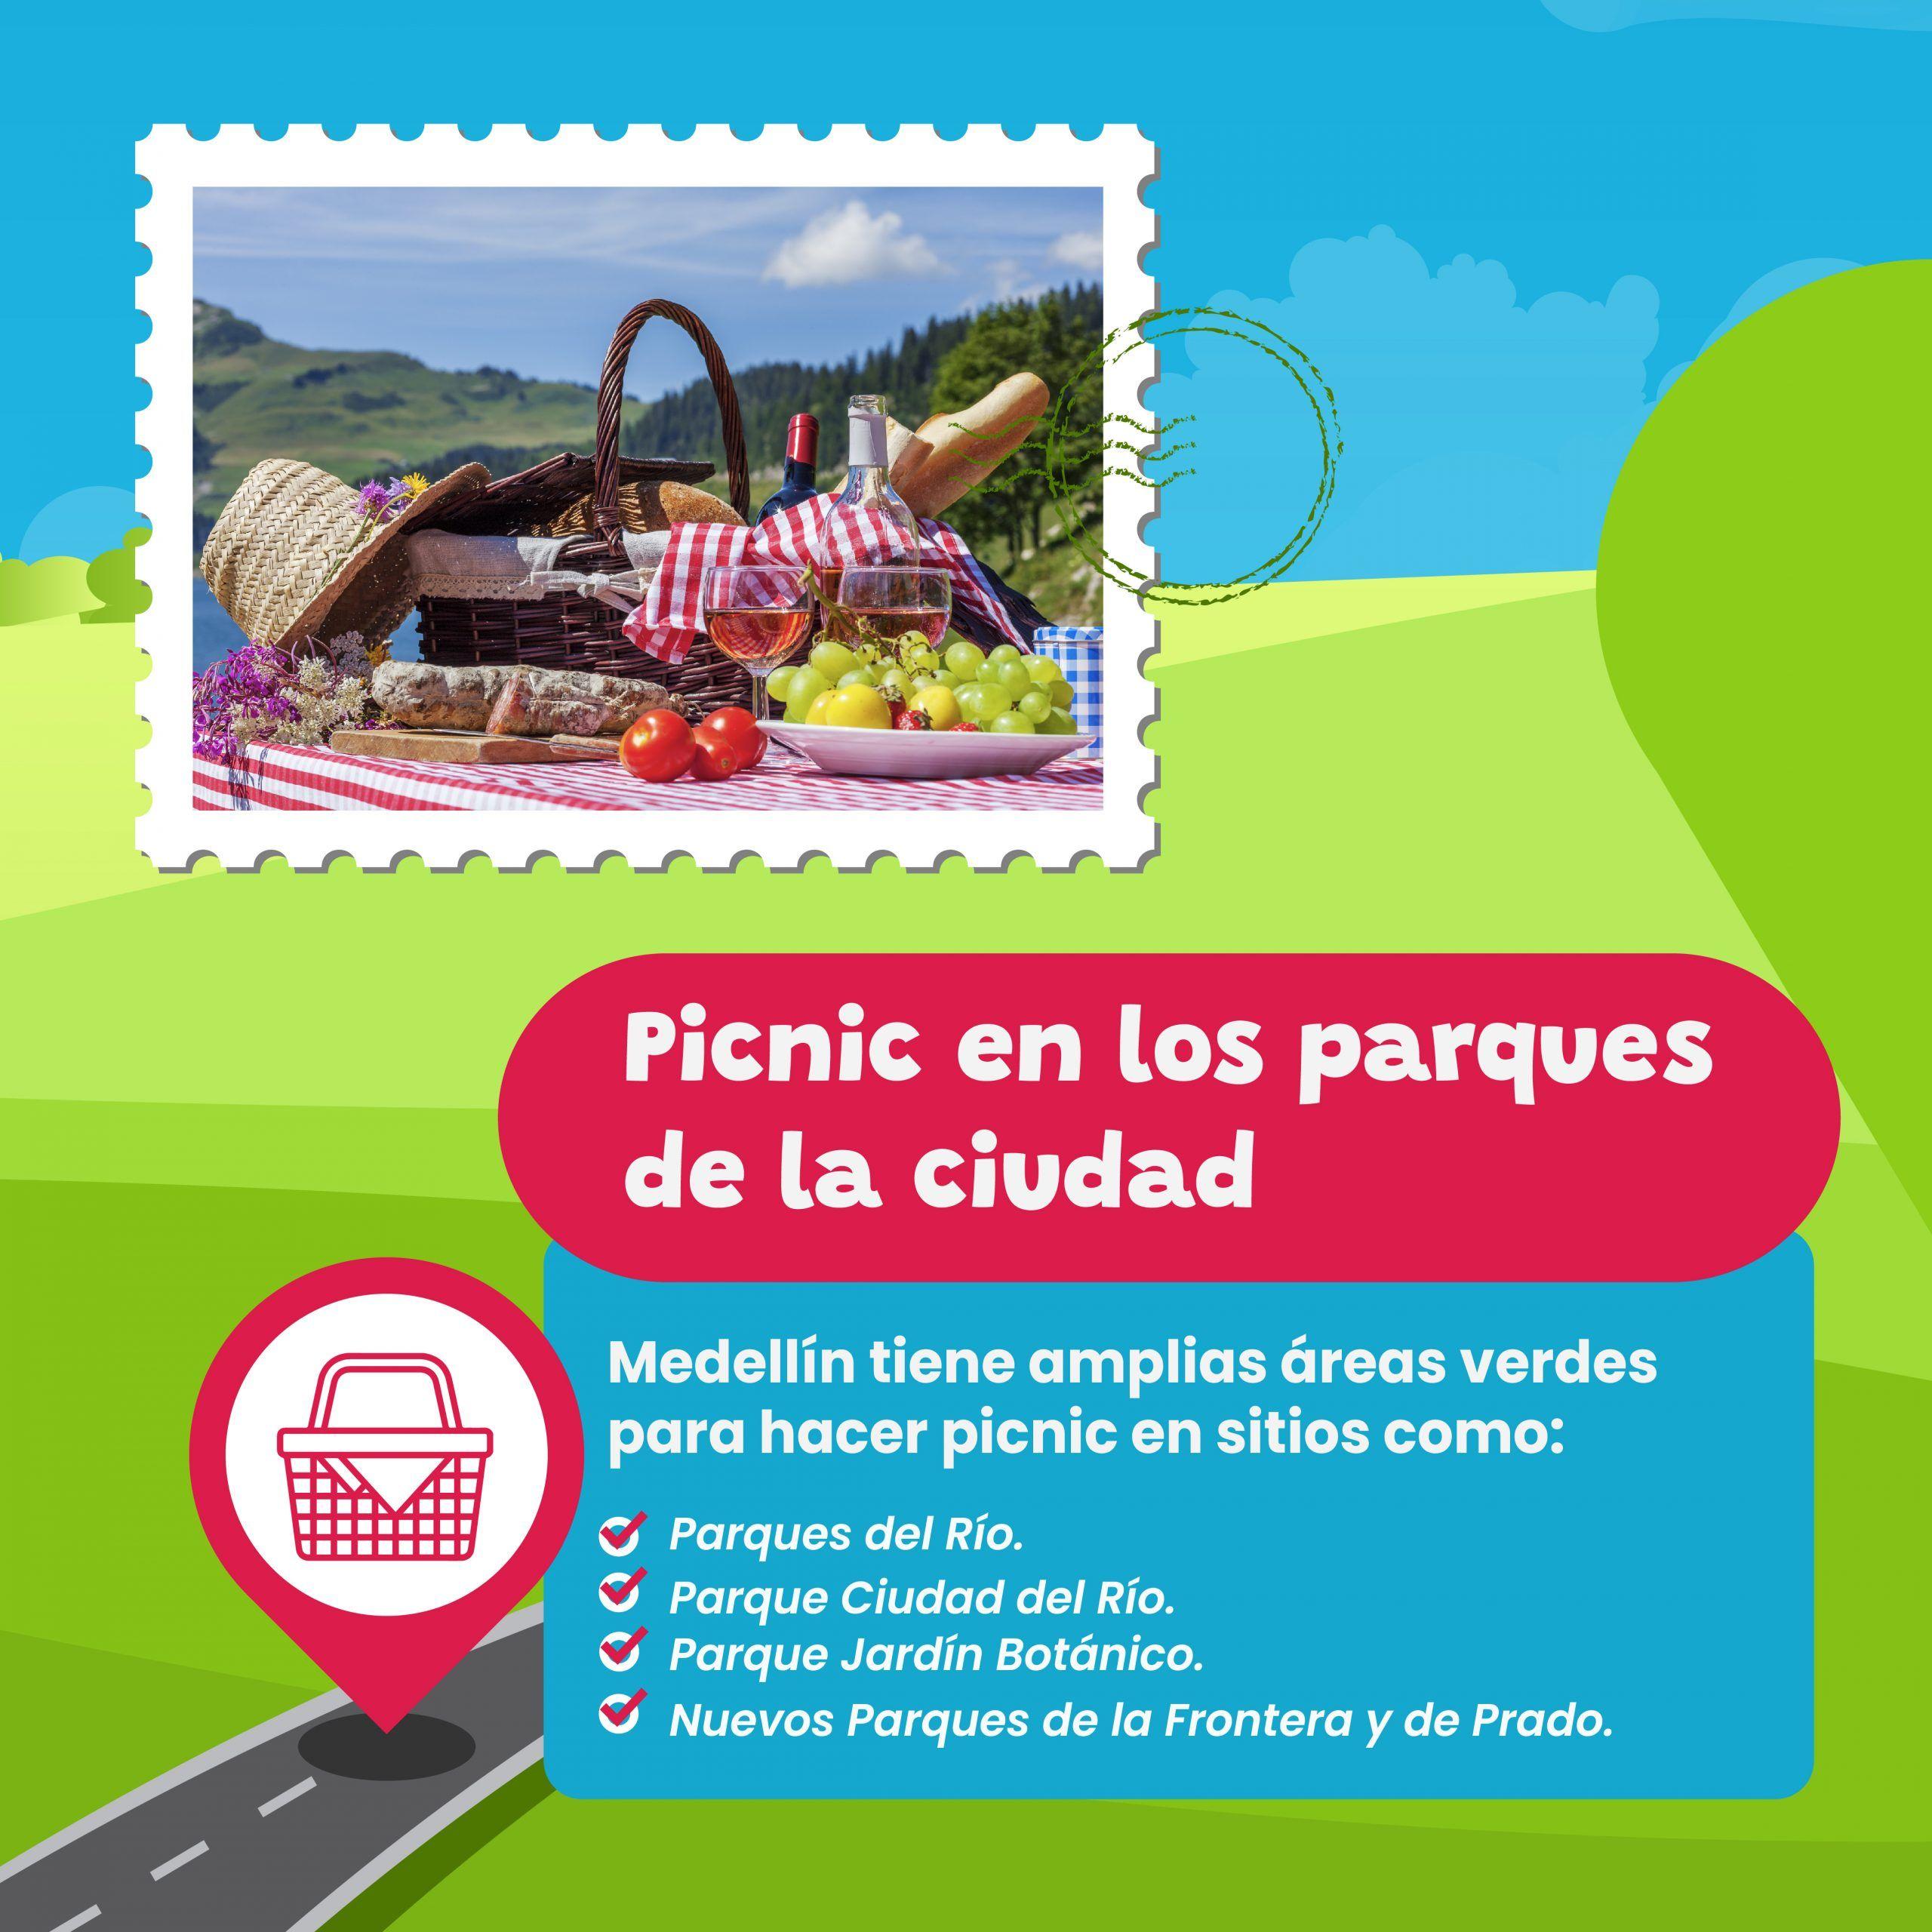 picnic en los parques de la ciudad